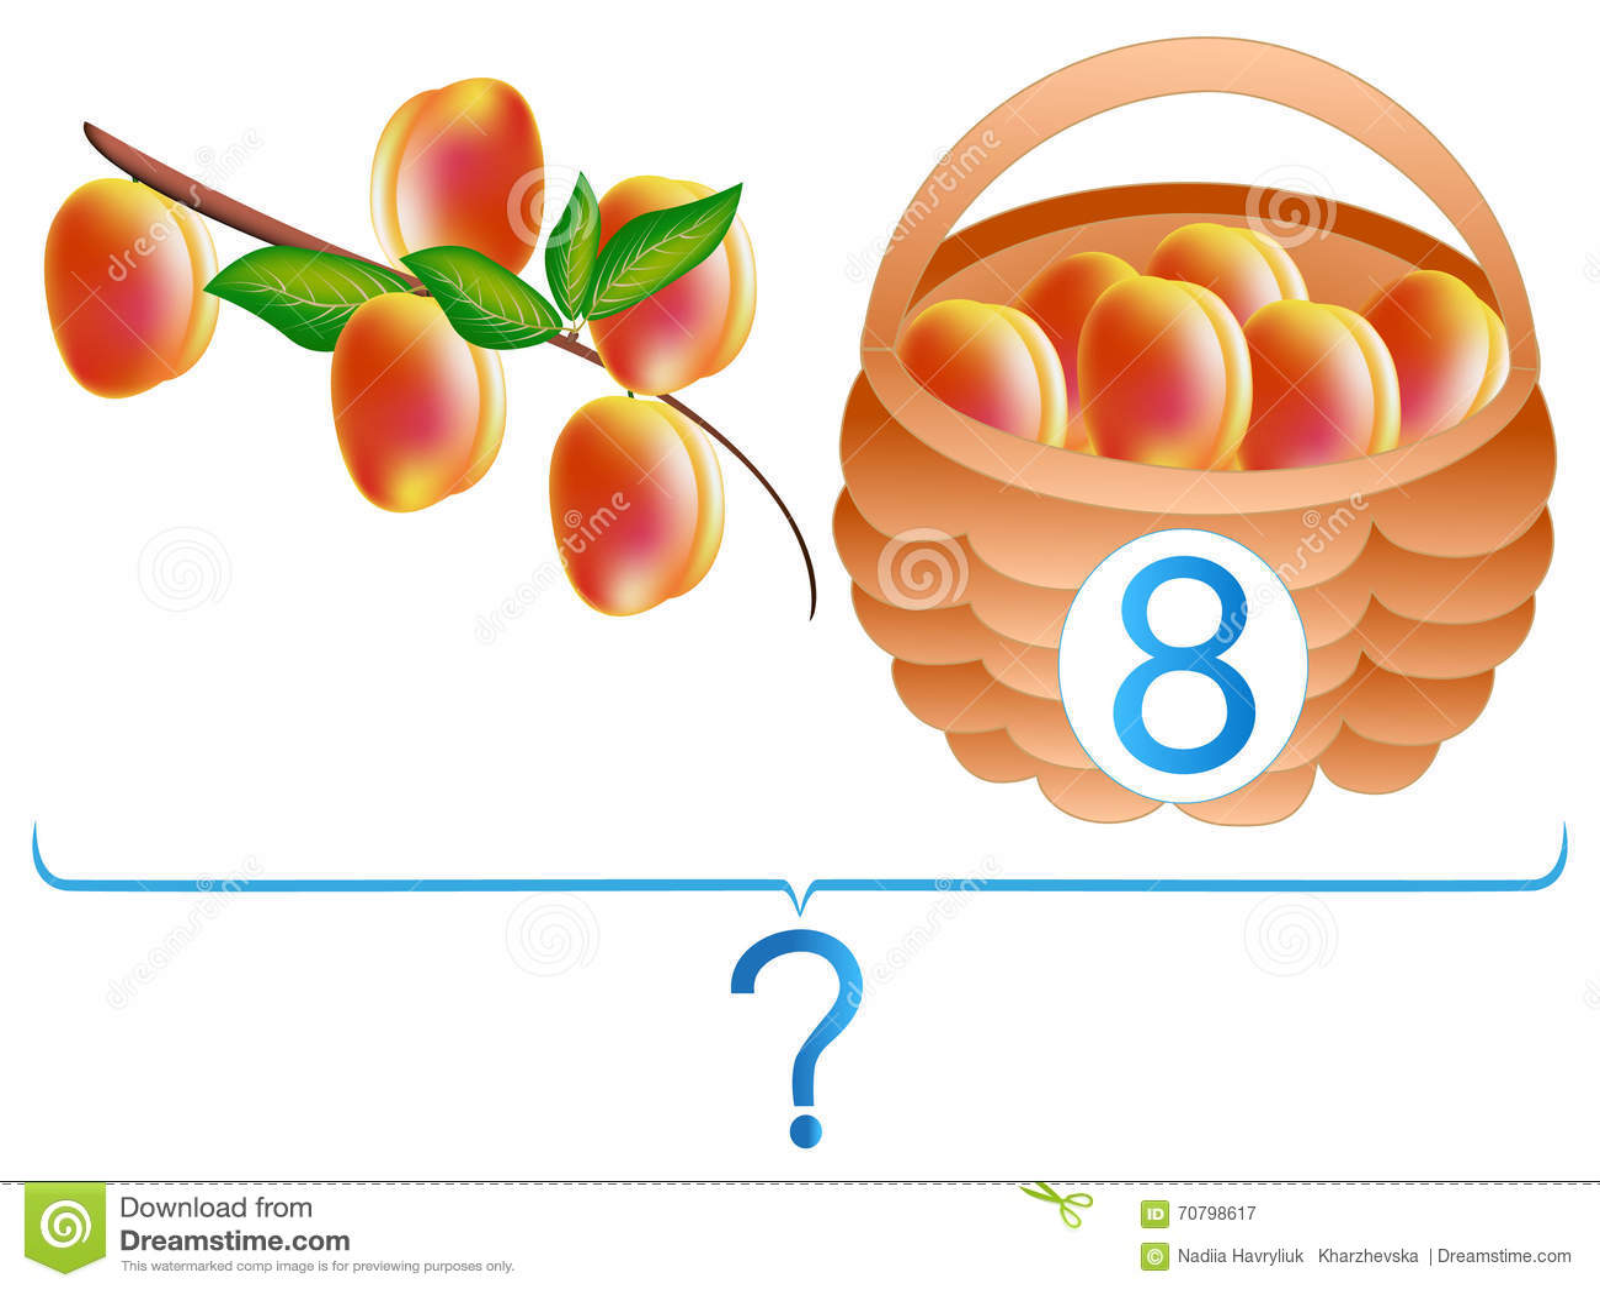 Onderwijsspelen voor kinderen, wiskundige toevoeging, voorbeeld met perziken